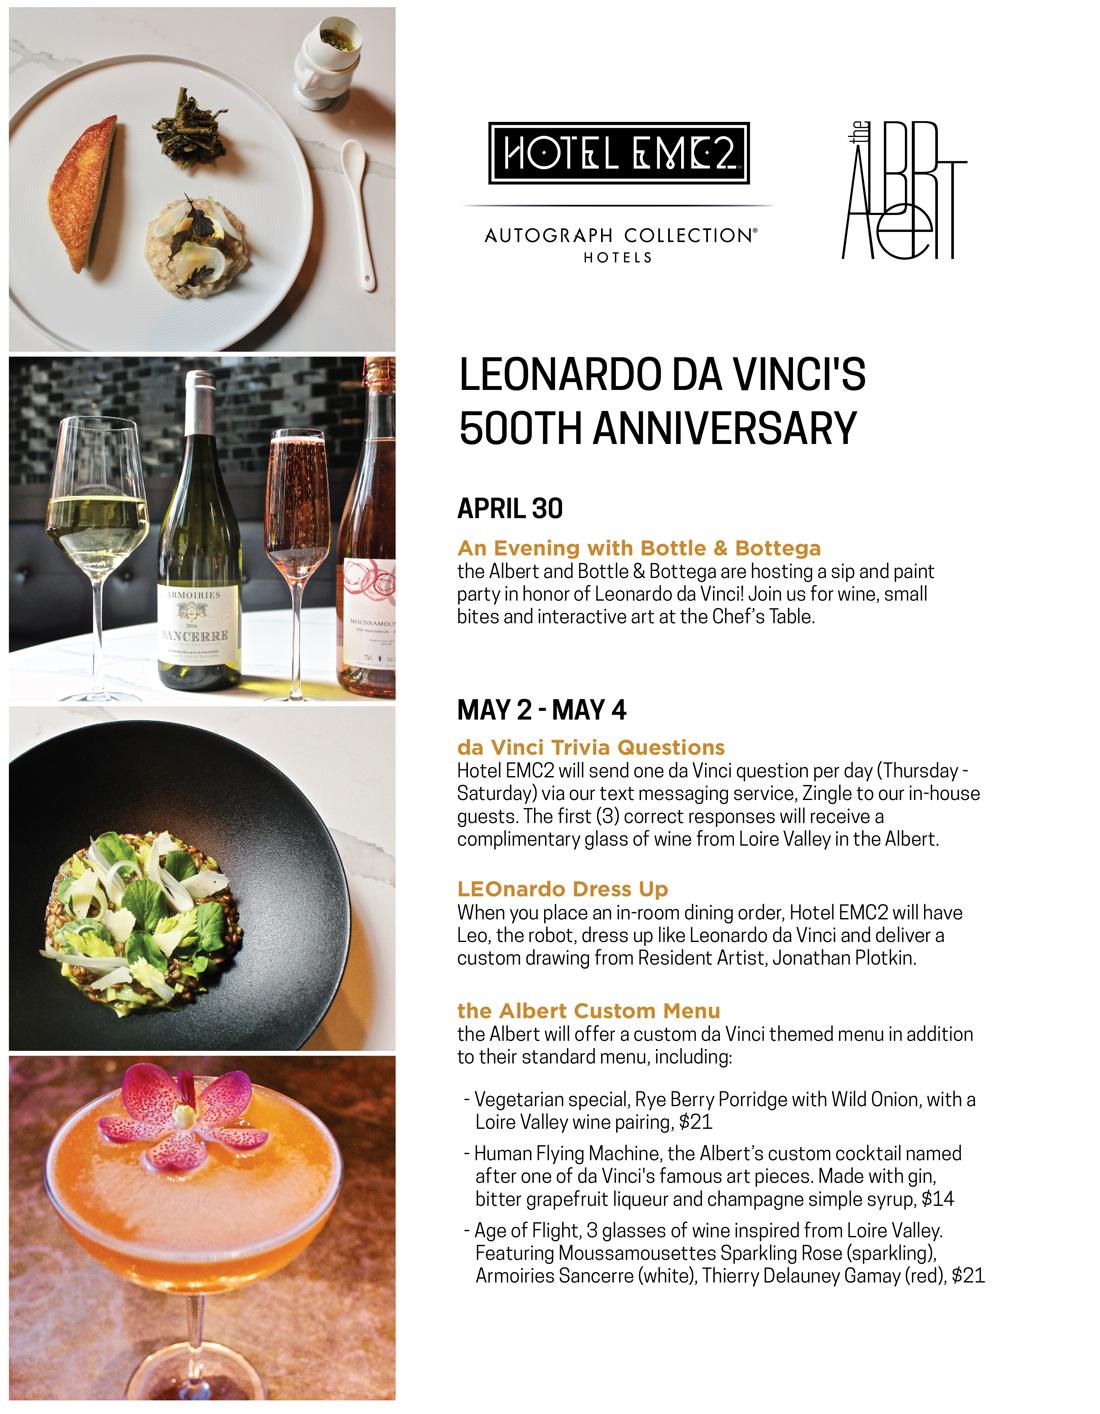 Leonardo-da-vinci-anniversary